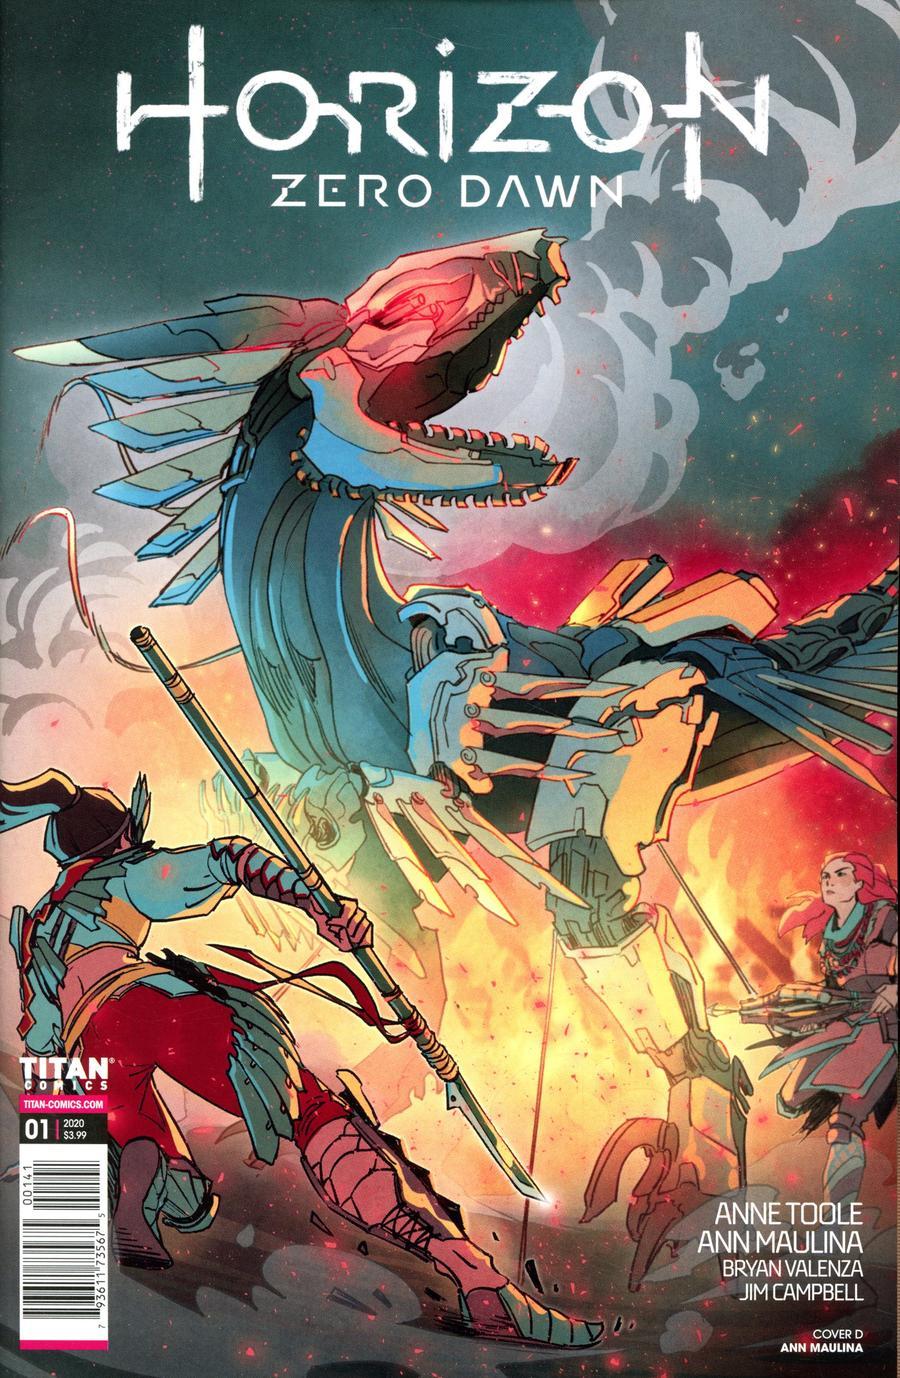 Horizon Zero Dawn #1 Cover D Variant Ann Maulina Cover